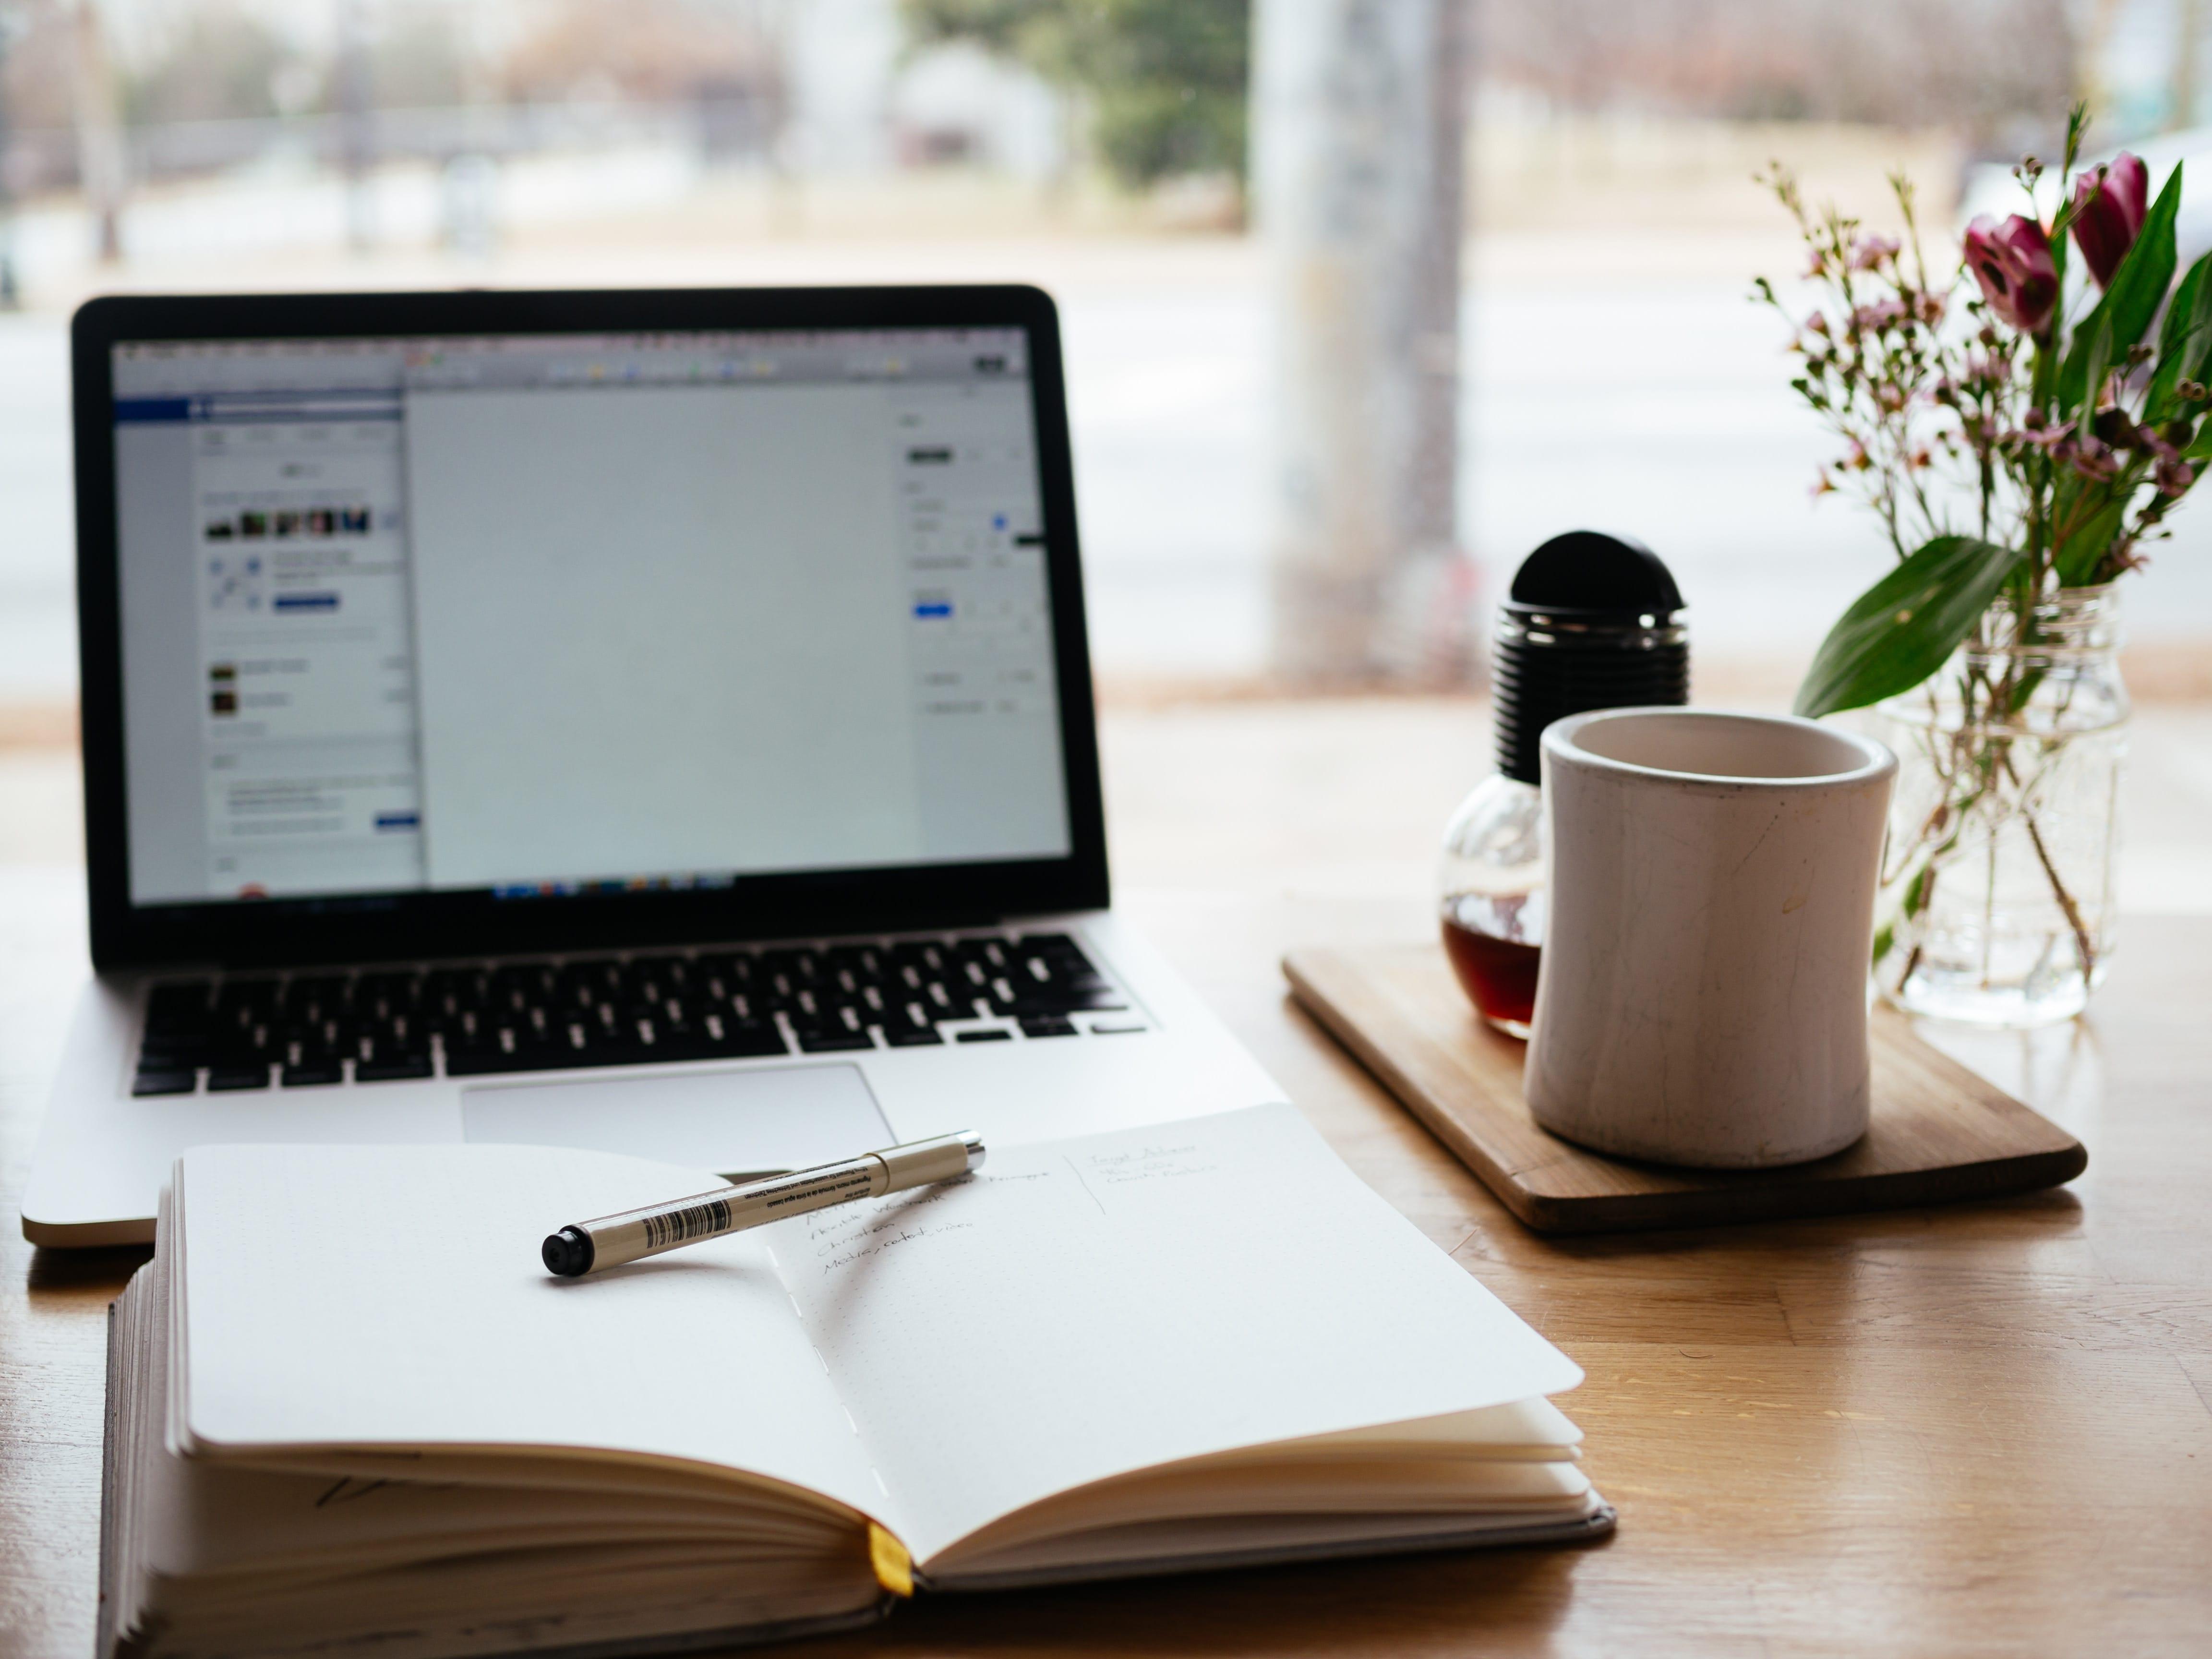 Suchmaschinenoptimierte Texte schreiben für eine bessere Stellung im Markt.